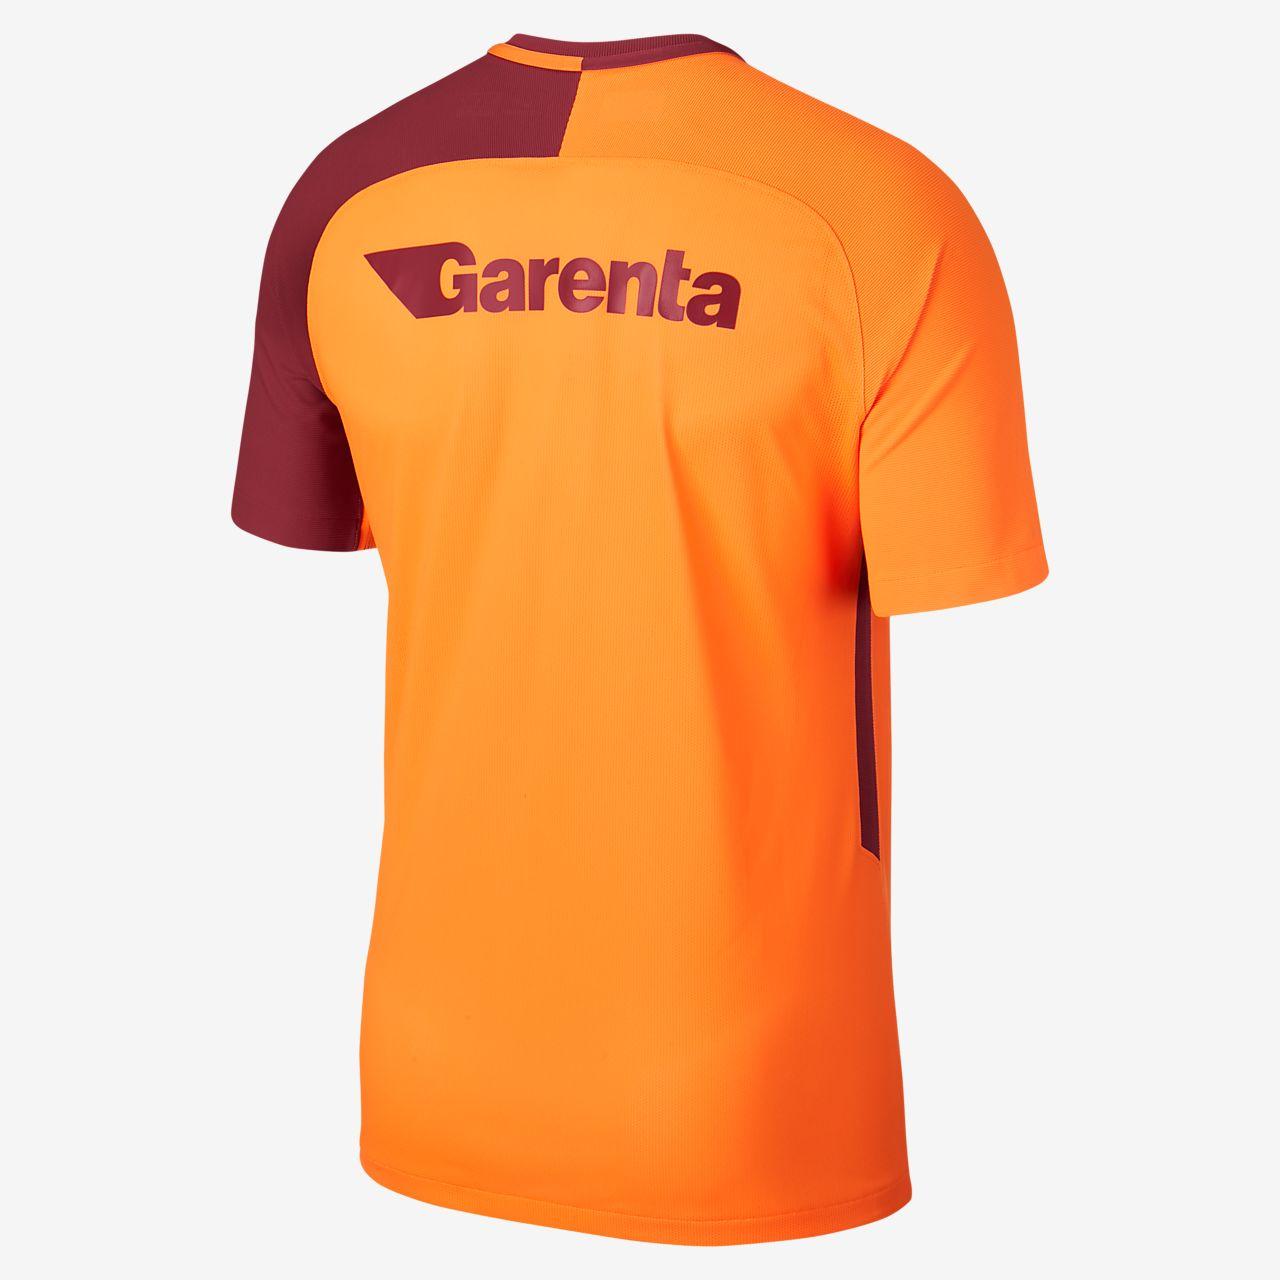 ... 2017/18 Galatasaray S.K. Vapor Match Home Men's Football Shirt